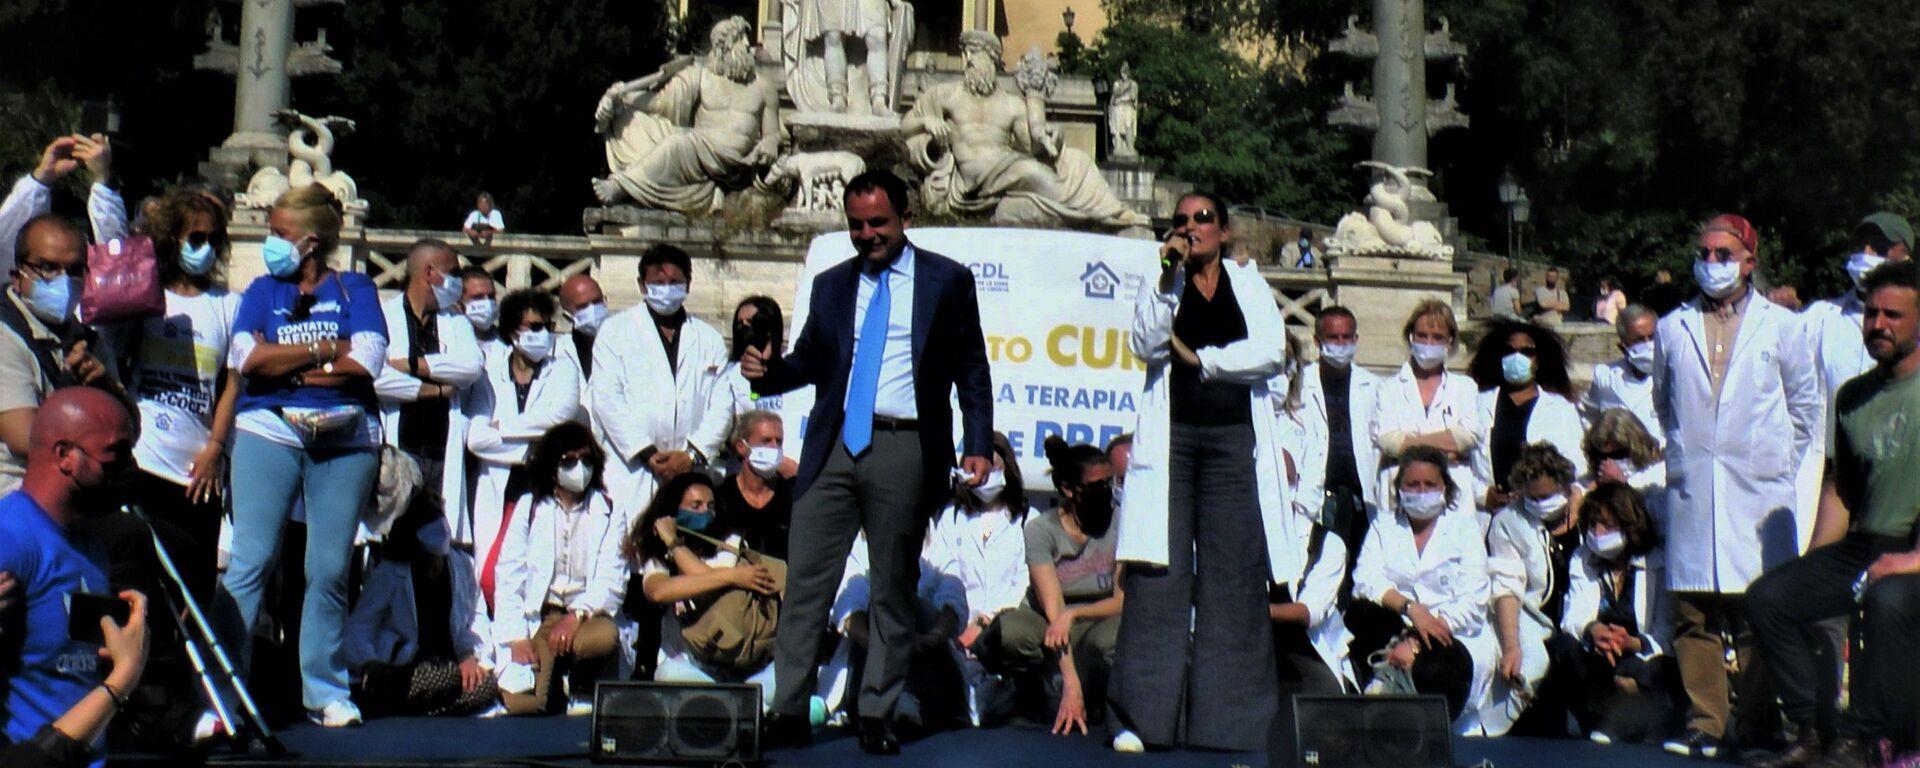 Manifestazione Terapia Domiciliare Precoce , 8 maggio 2021 Piazza del Popolo, Roma - Sputnik Italia, 1920, 10.05.2021